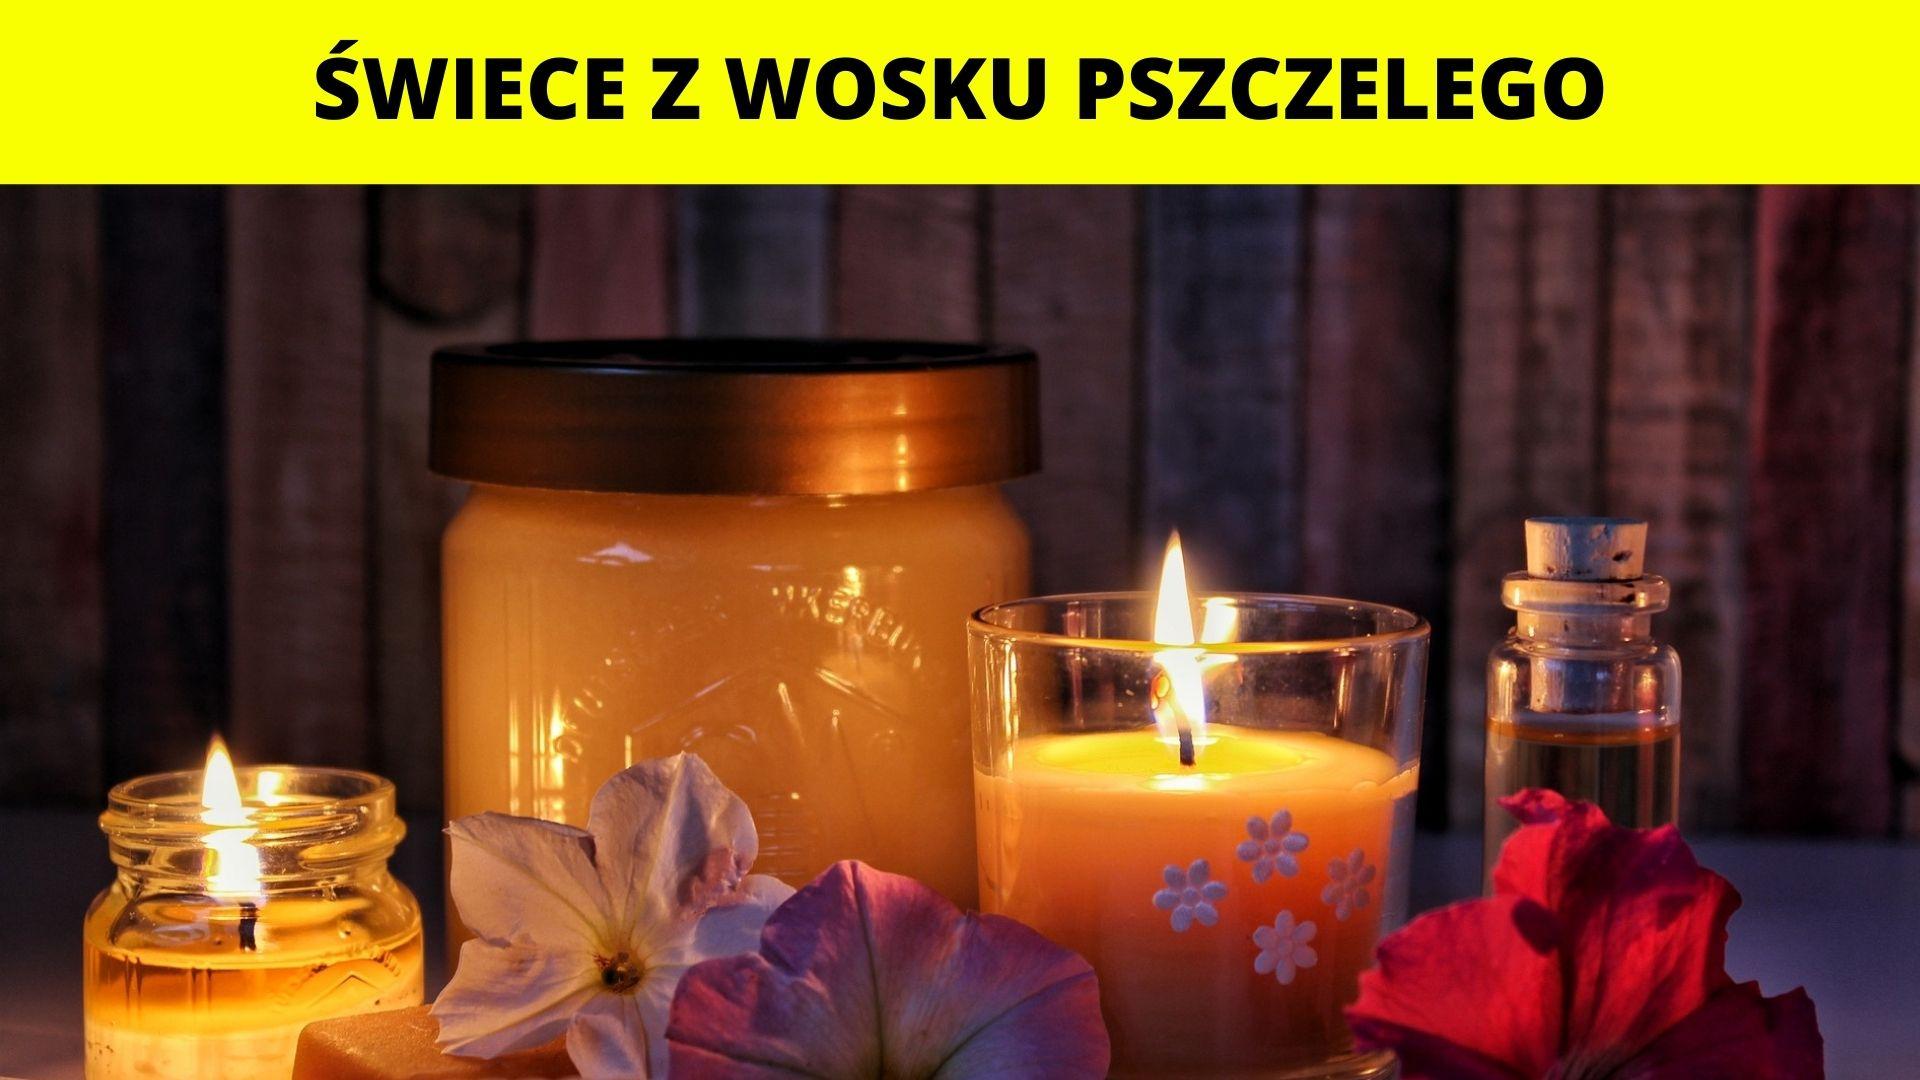 Świece z wosku pszczelego - warsztaty dla dzieci